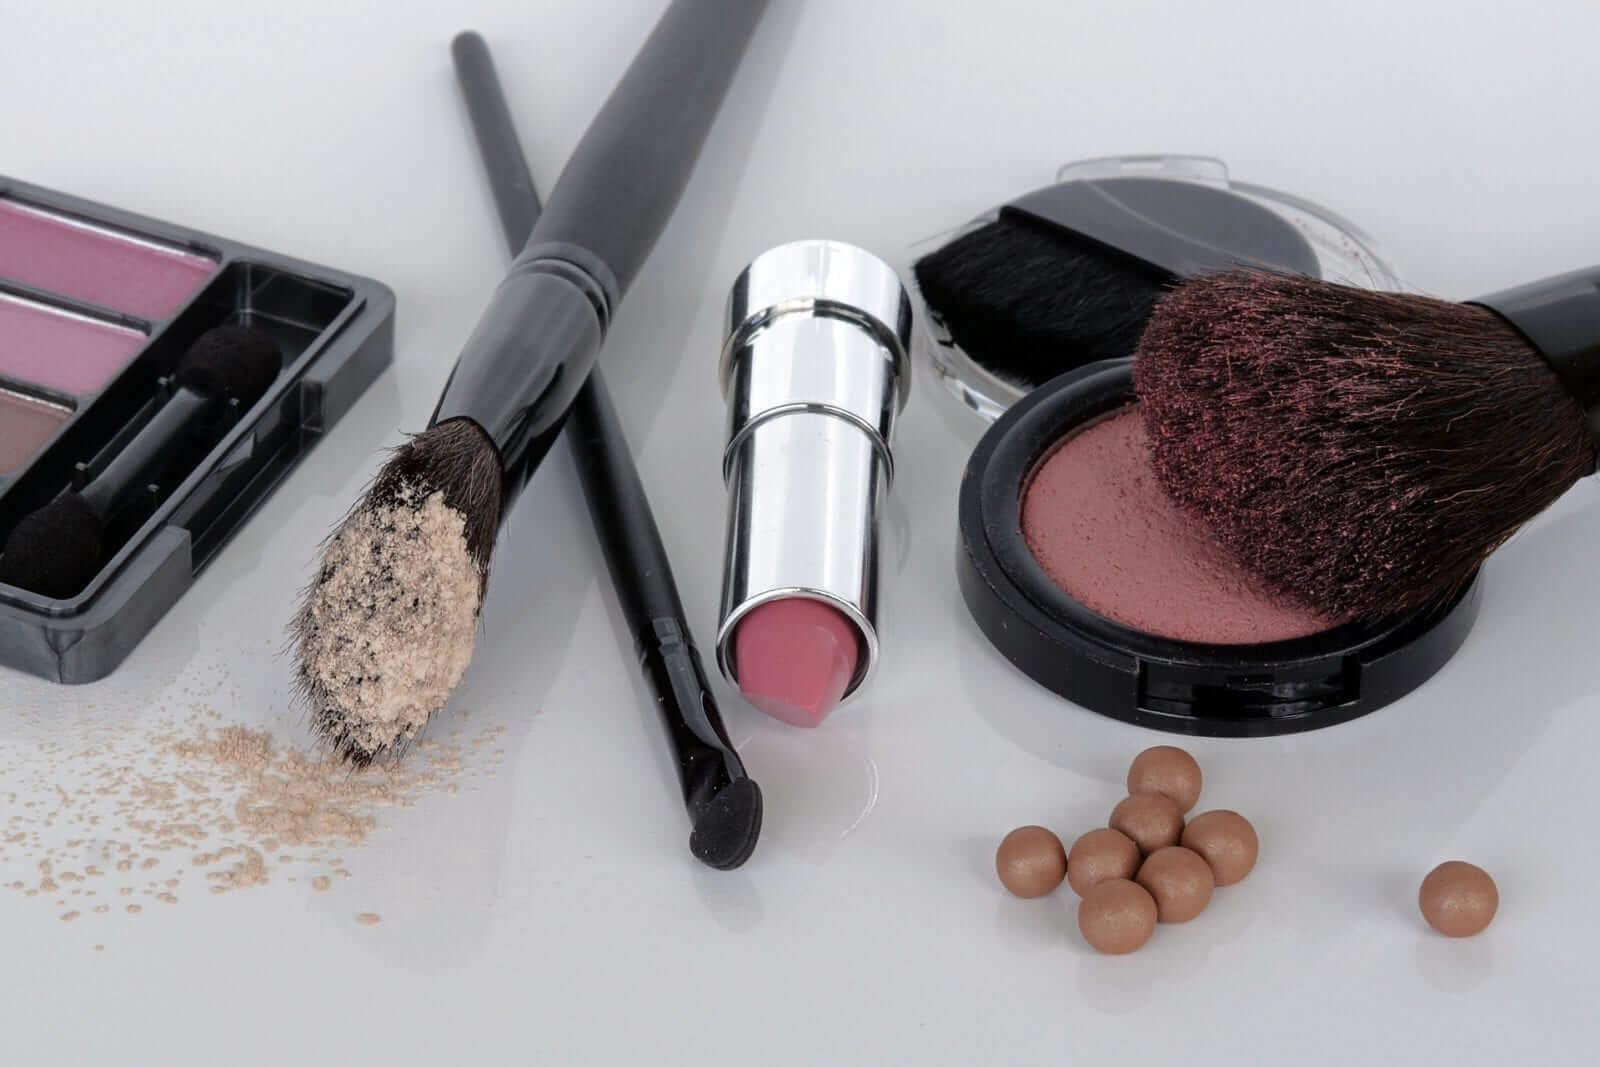 Schminken und Make-Up - Kosmetik Artemania - Nail Art - Beauty und Care - Fehraltorf 1